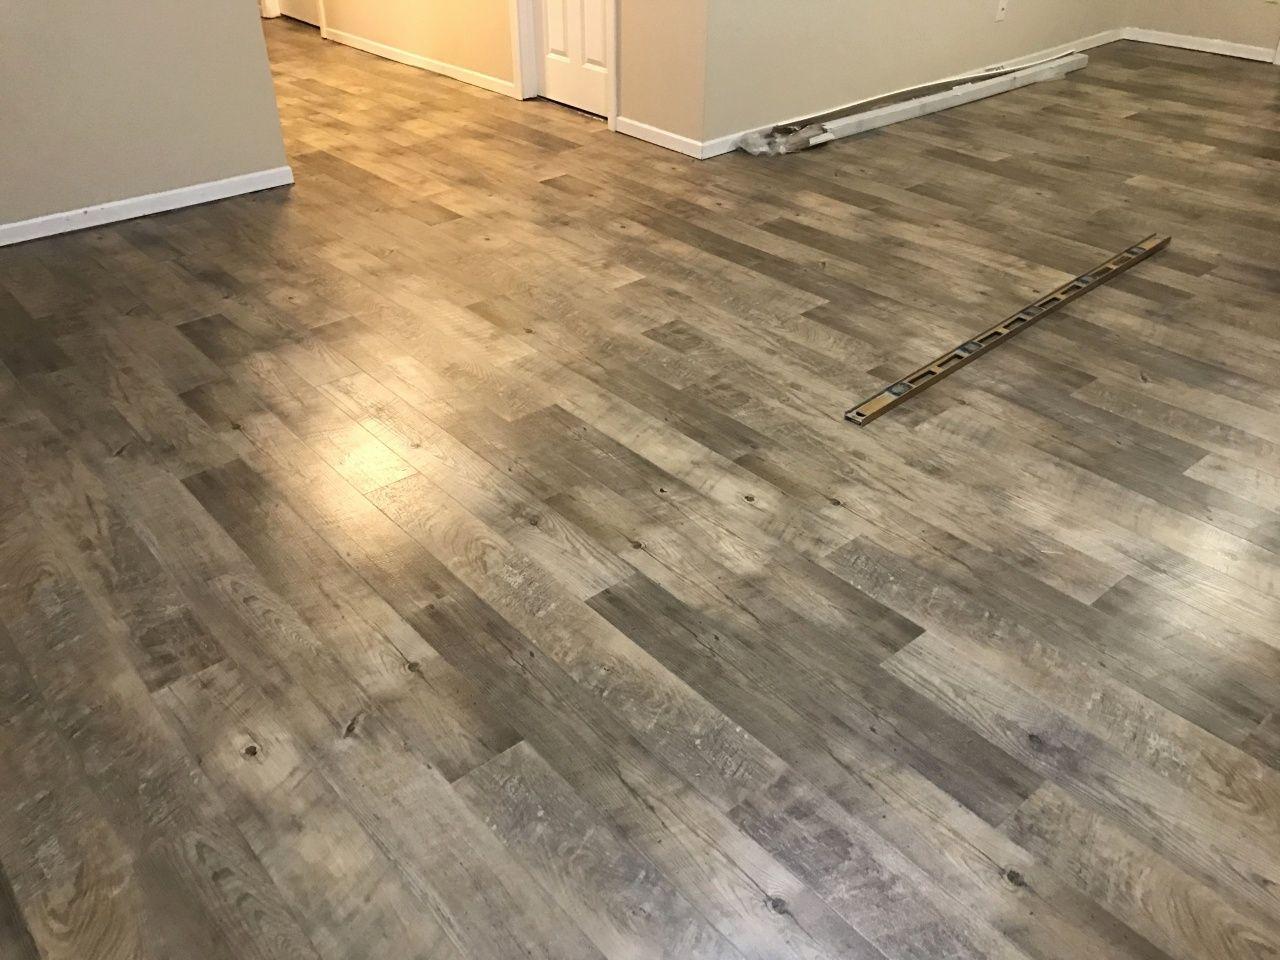 Loose Lay Vinyl Plank Flooring Lowes In 2020 Vinyl Wood Flooring Installing Vinyl Plank Flooring Vinyl Hardwood Flooring